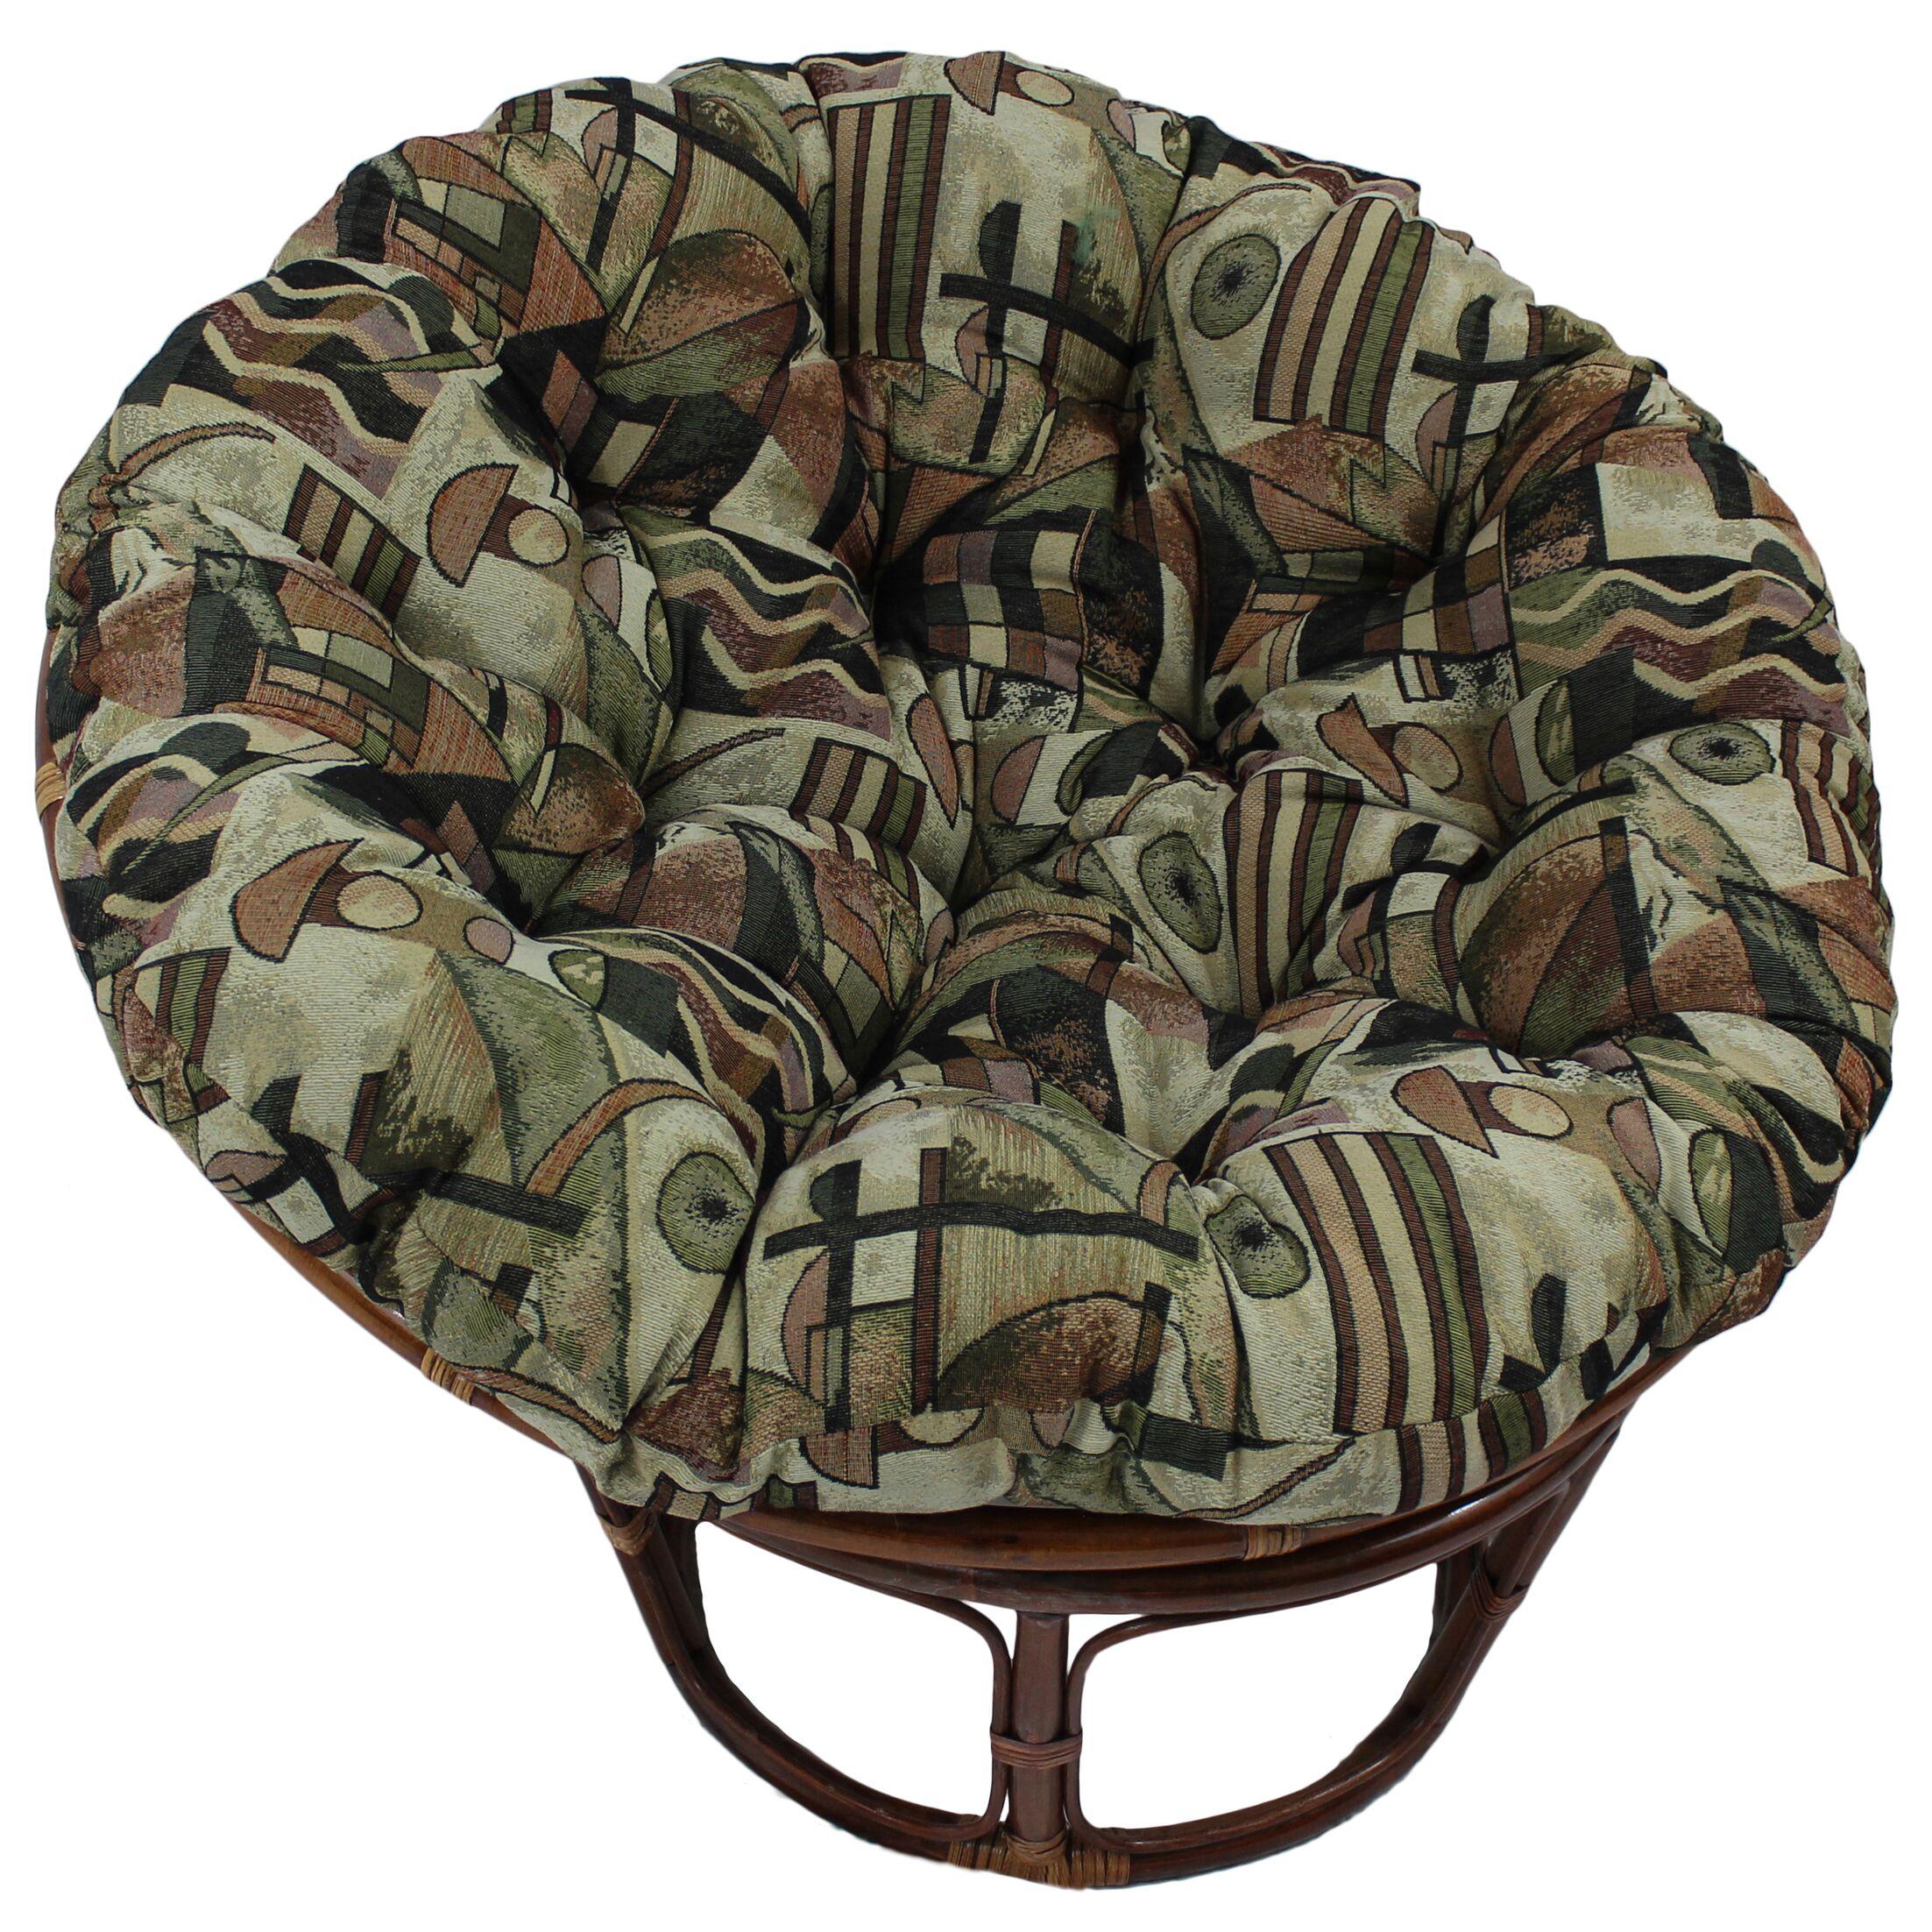 Papasan Chair Cushion Fabric: Cheetah, Size: 6